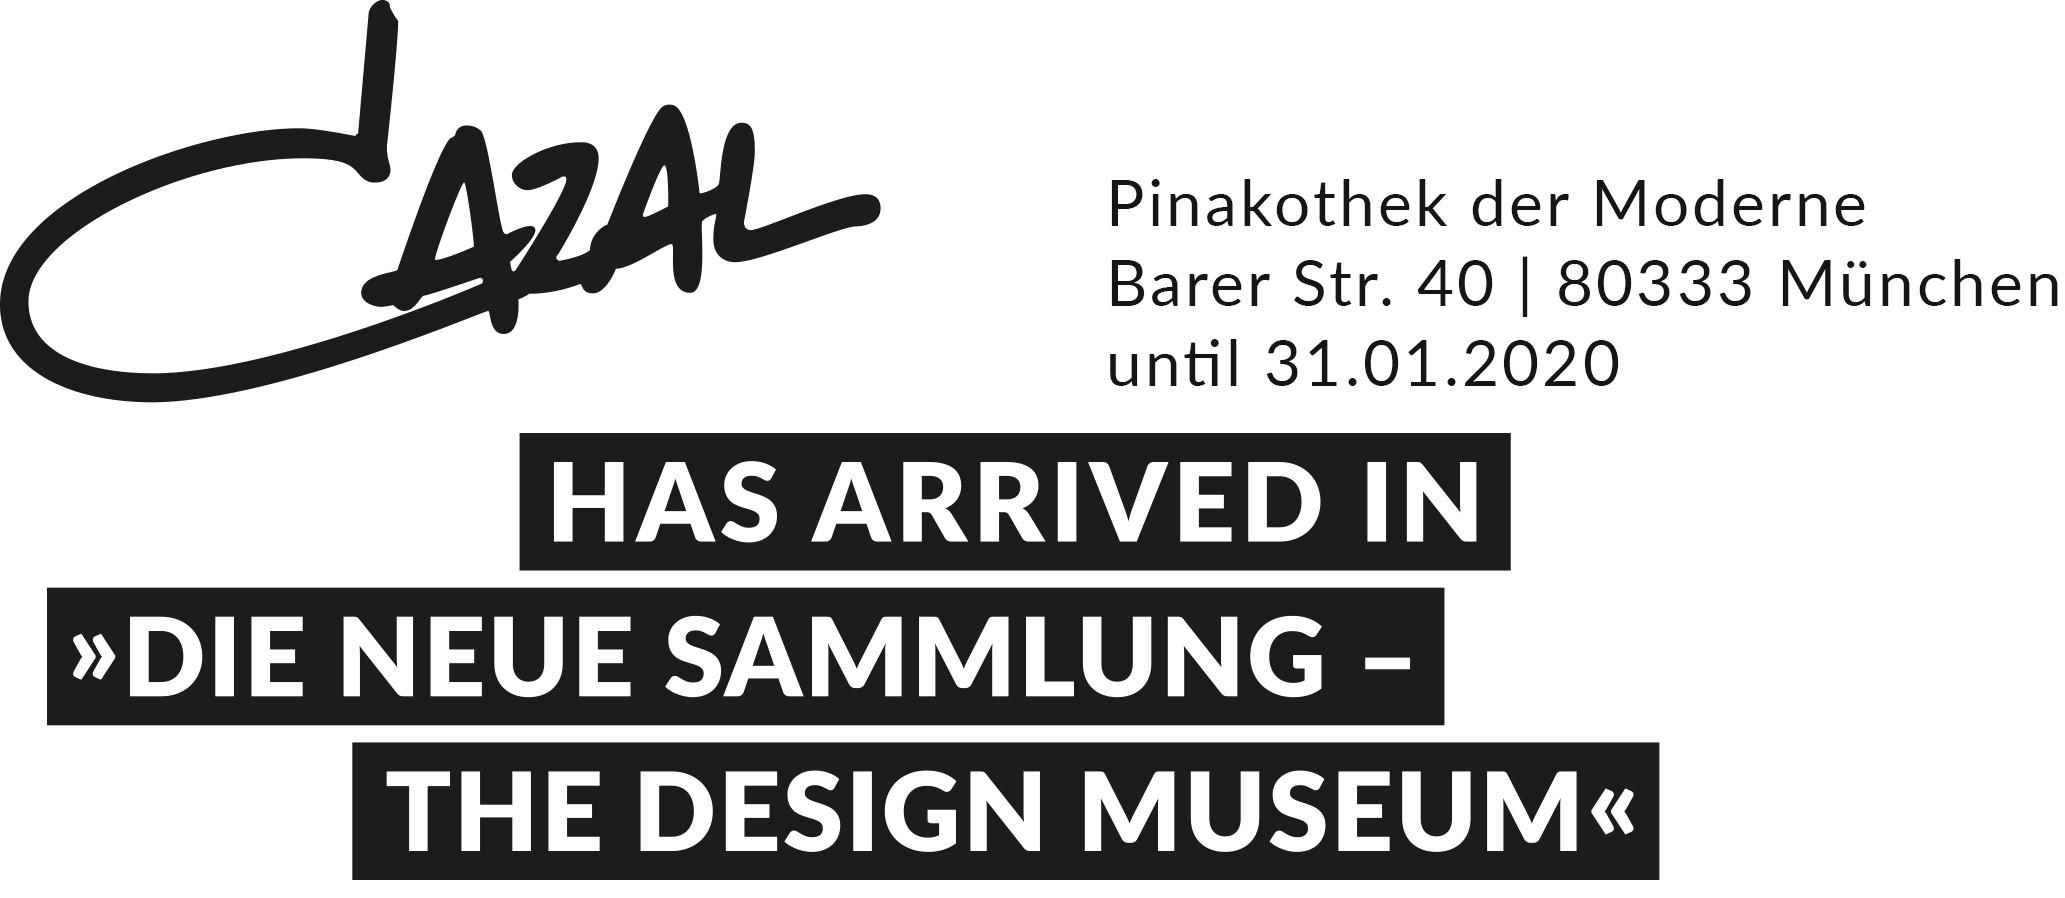 Die Neue Sammlung - Pinakothek der Moderne